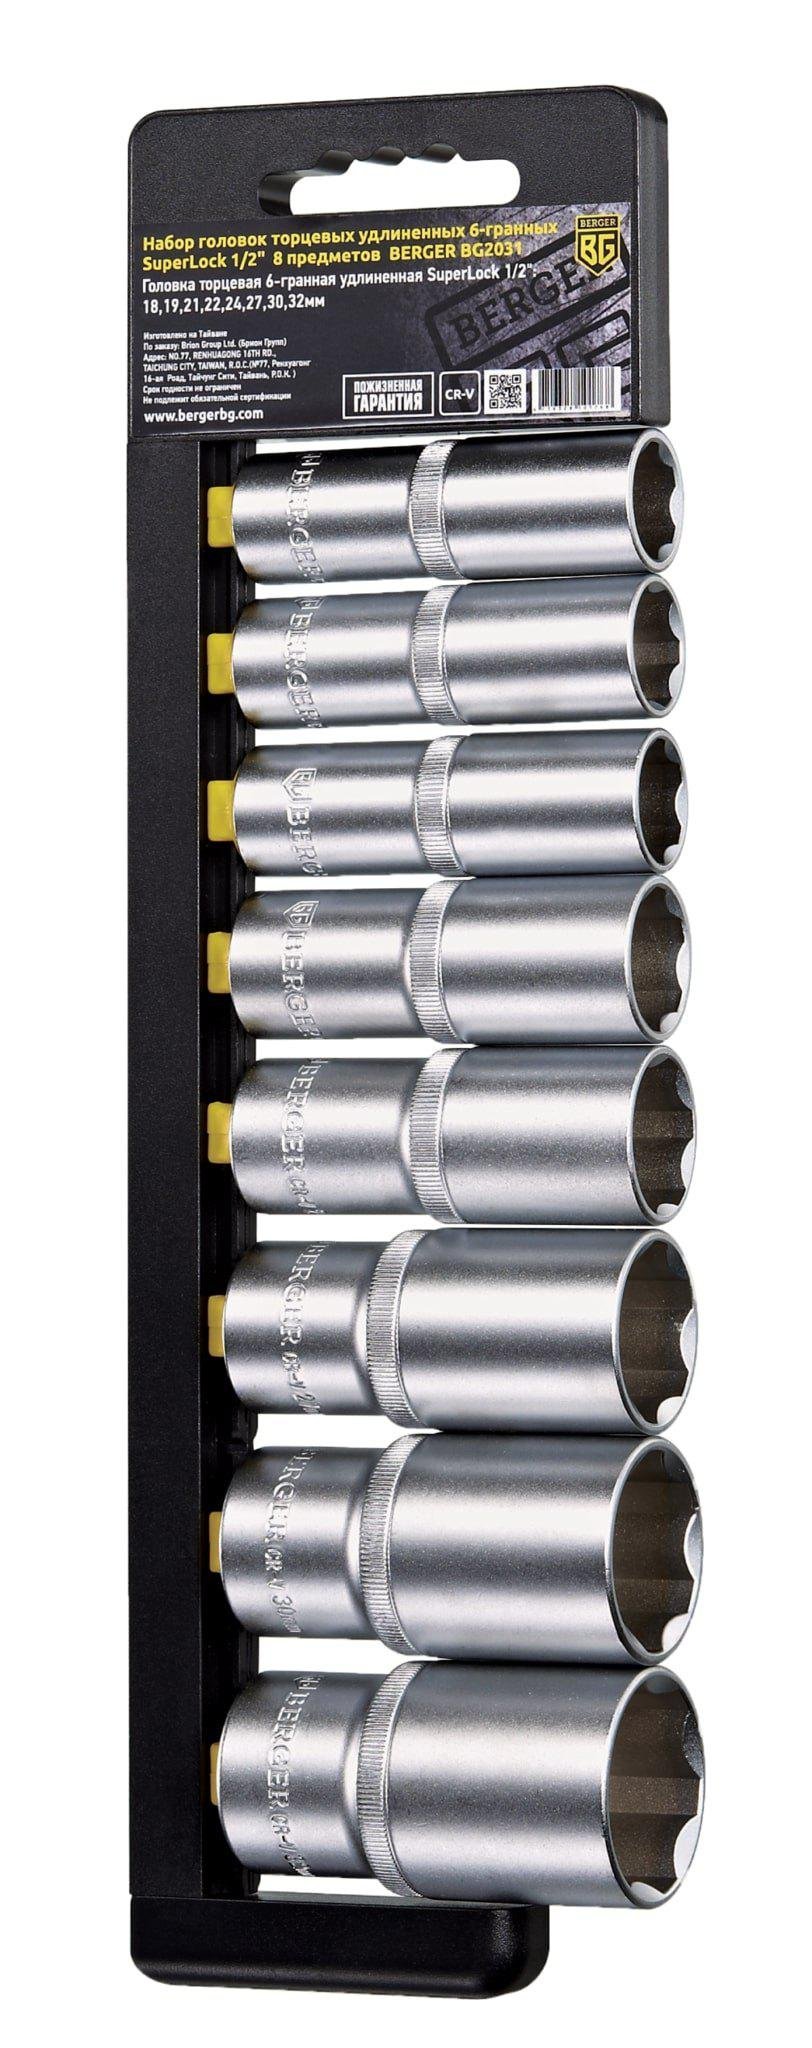 Набор головок Berger H 35мм, s 1/2 (bg2031)